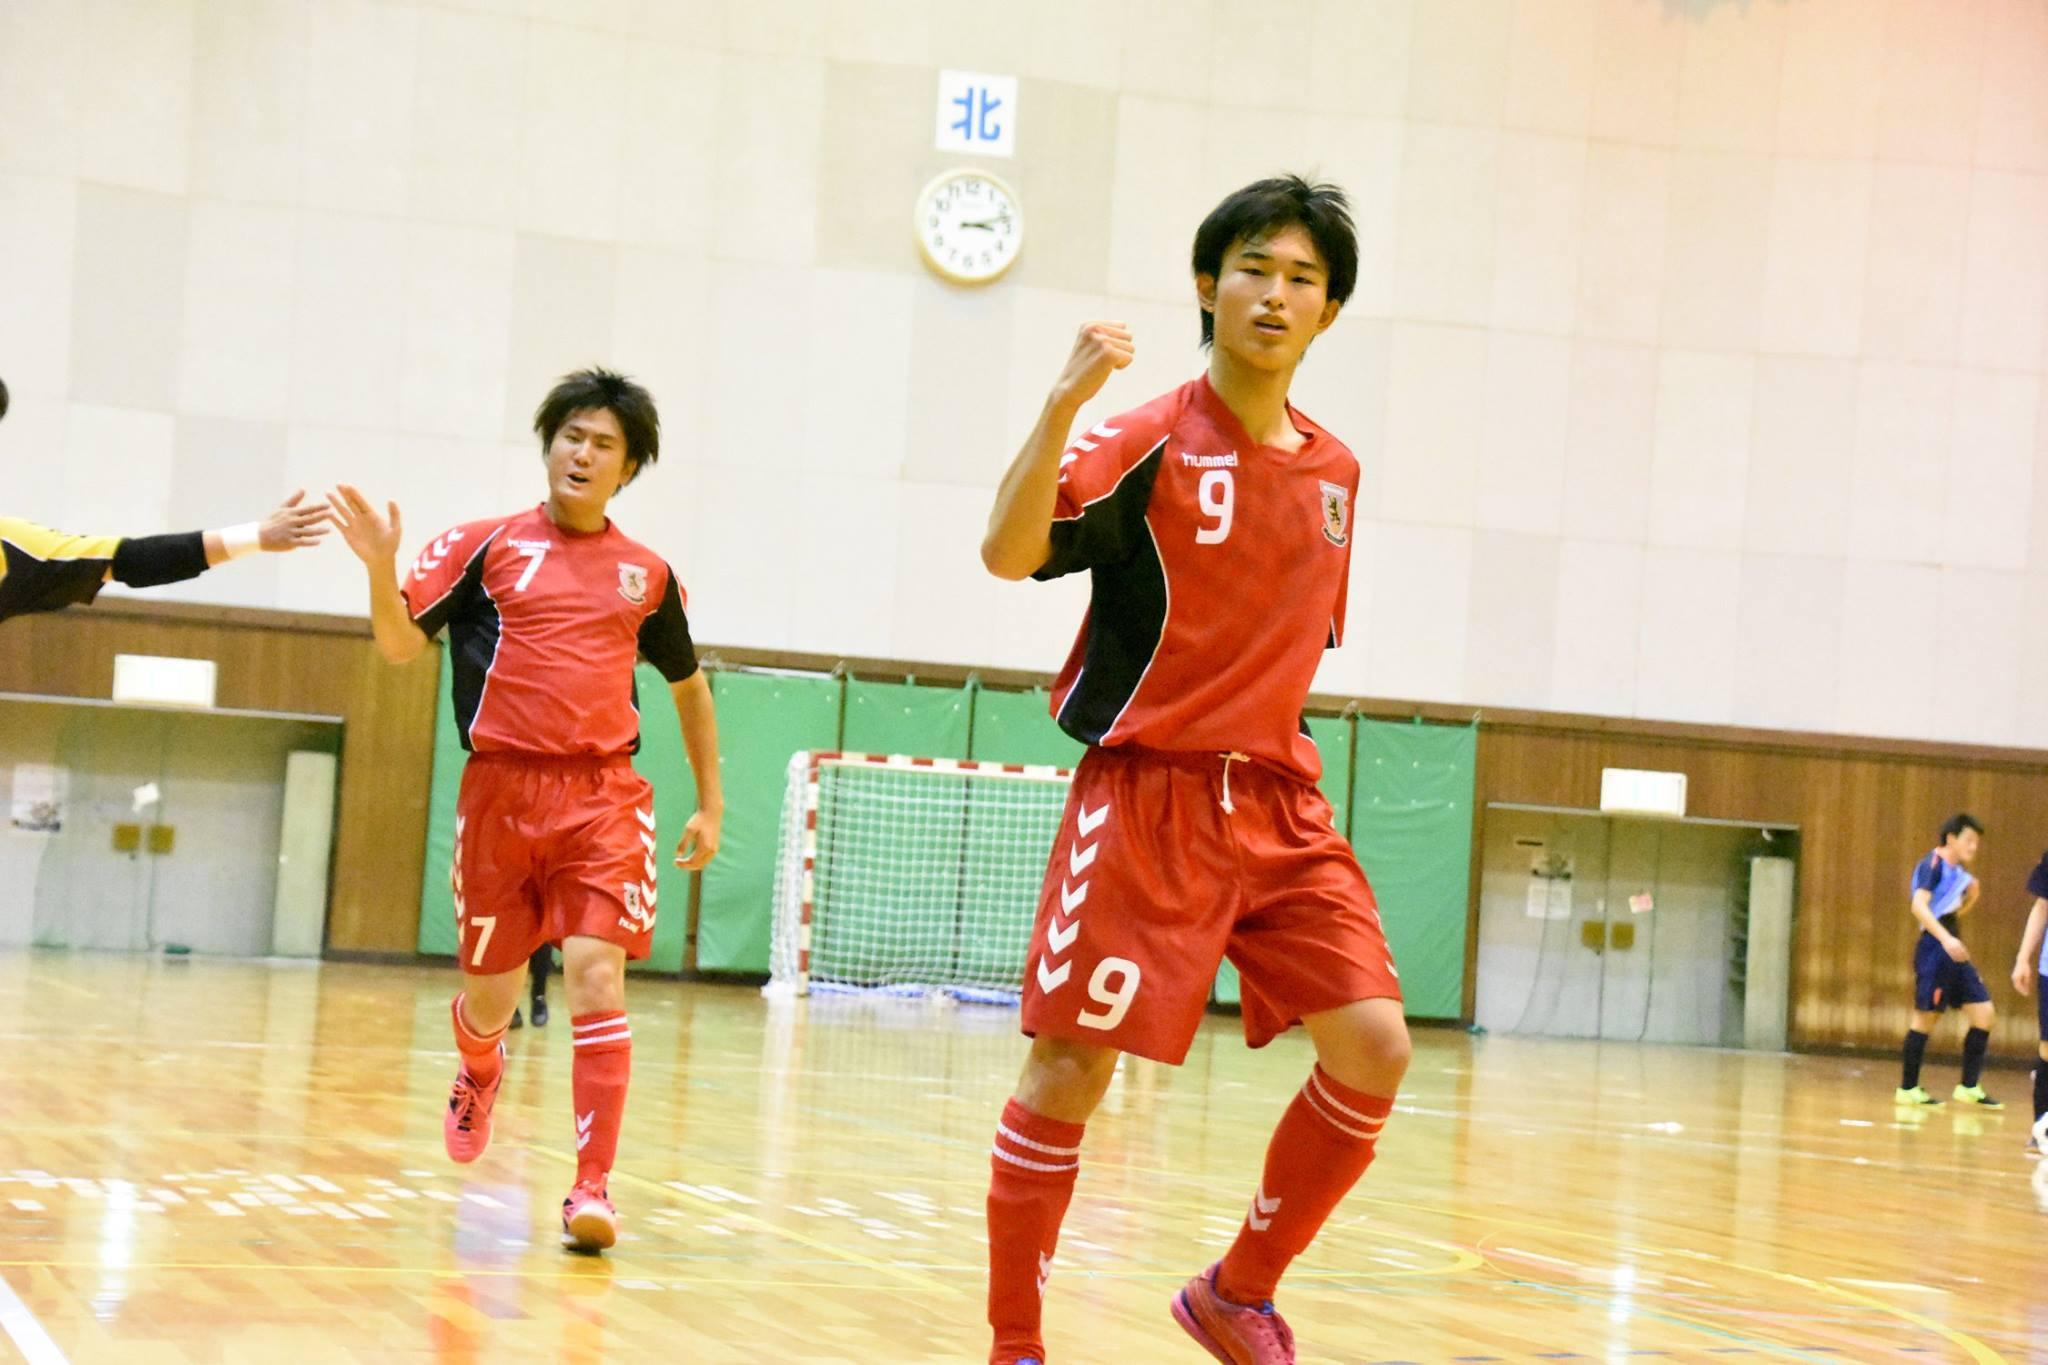 【愛知県1部第1節インタビュー】名古屋オーシャンズ U-21 下田 康聖選手「自分たちの世代からでもフットサルを盛り上げて行けるような試合をしていきたいです」